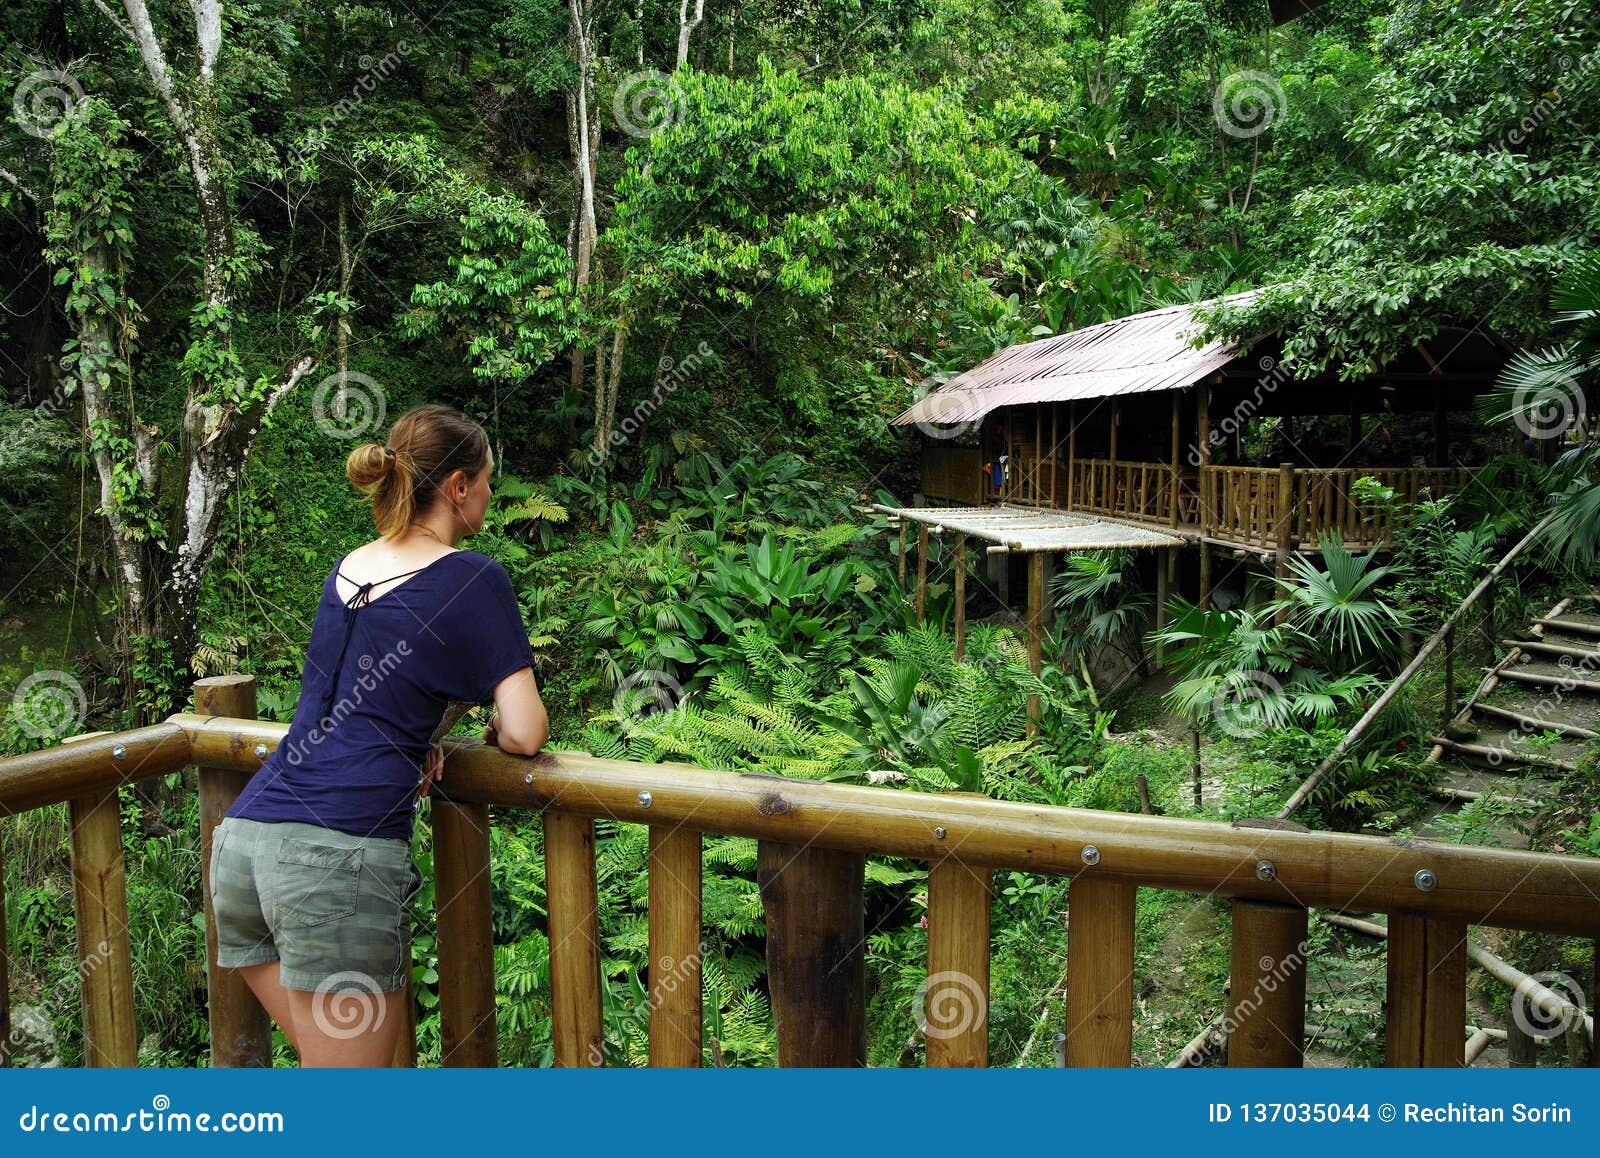 MINCA, КОЛУМБИЯ, 14-ОЕ АВГУСТА 2018: Молодая женщина смотря экологический коттедж леса в Minca